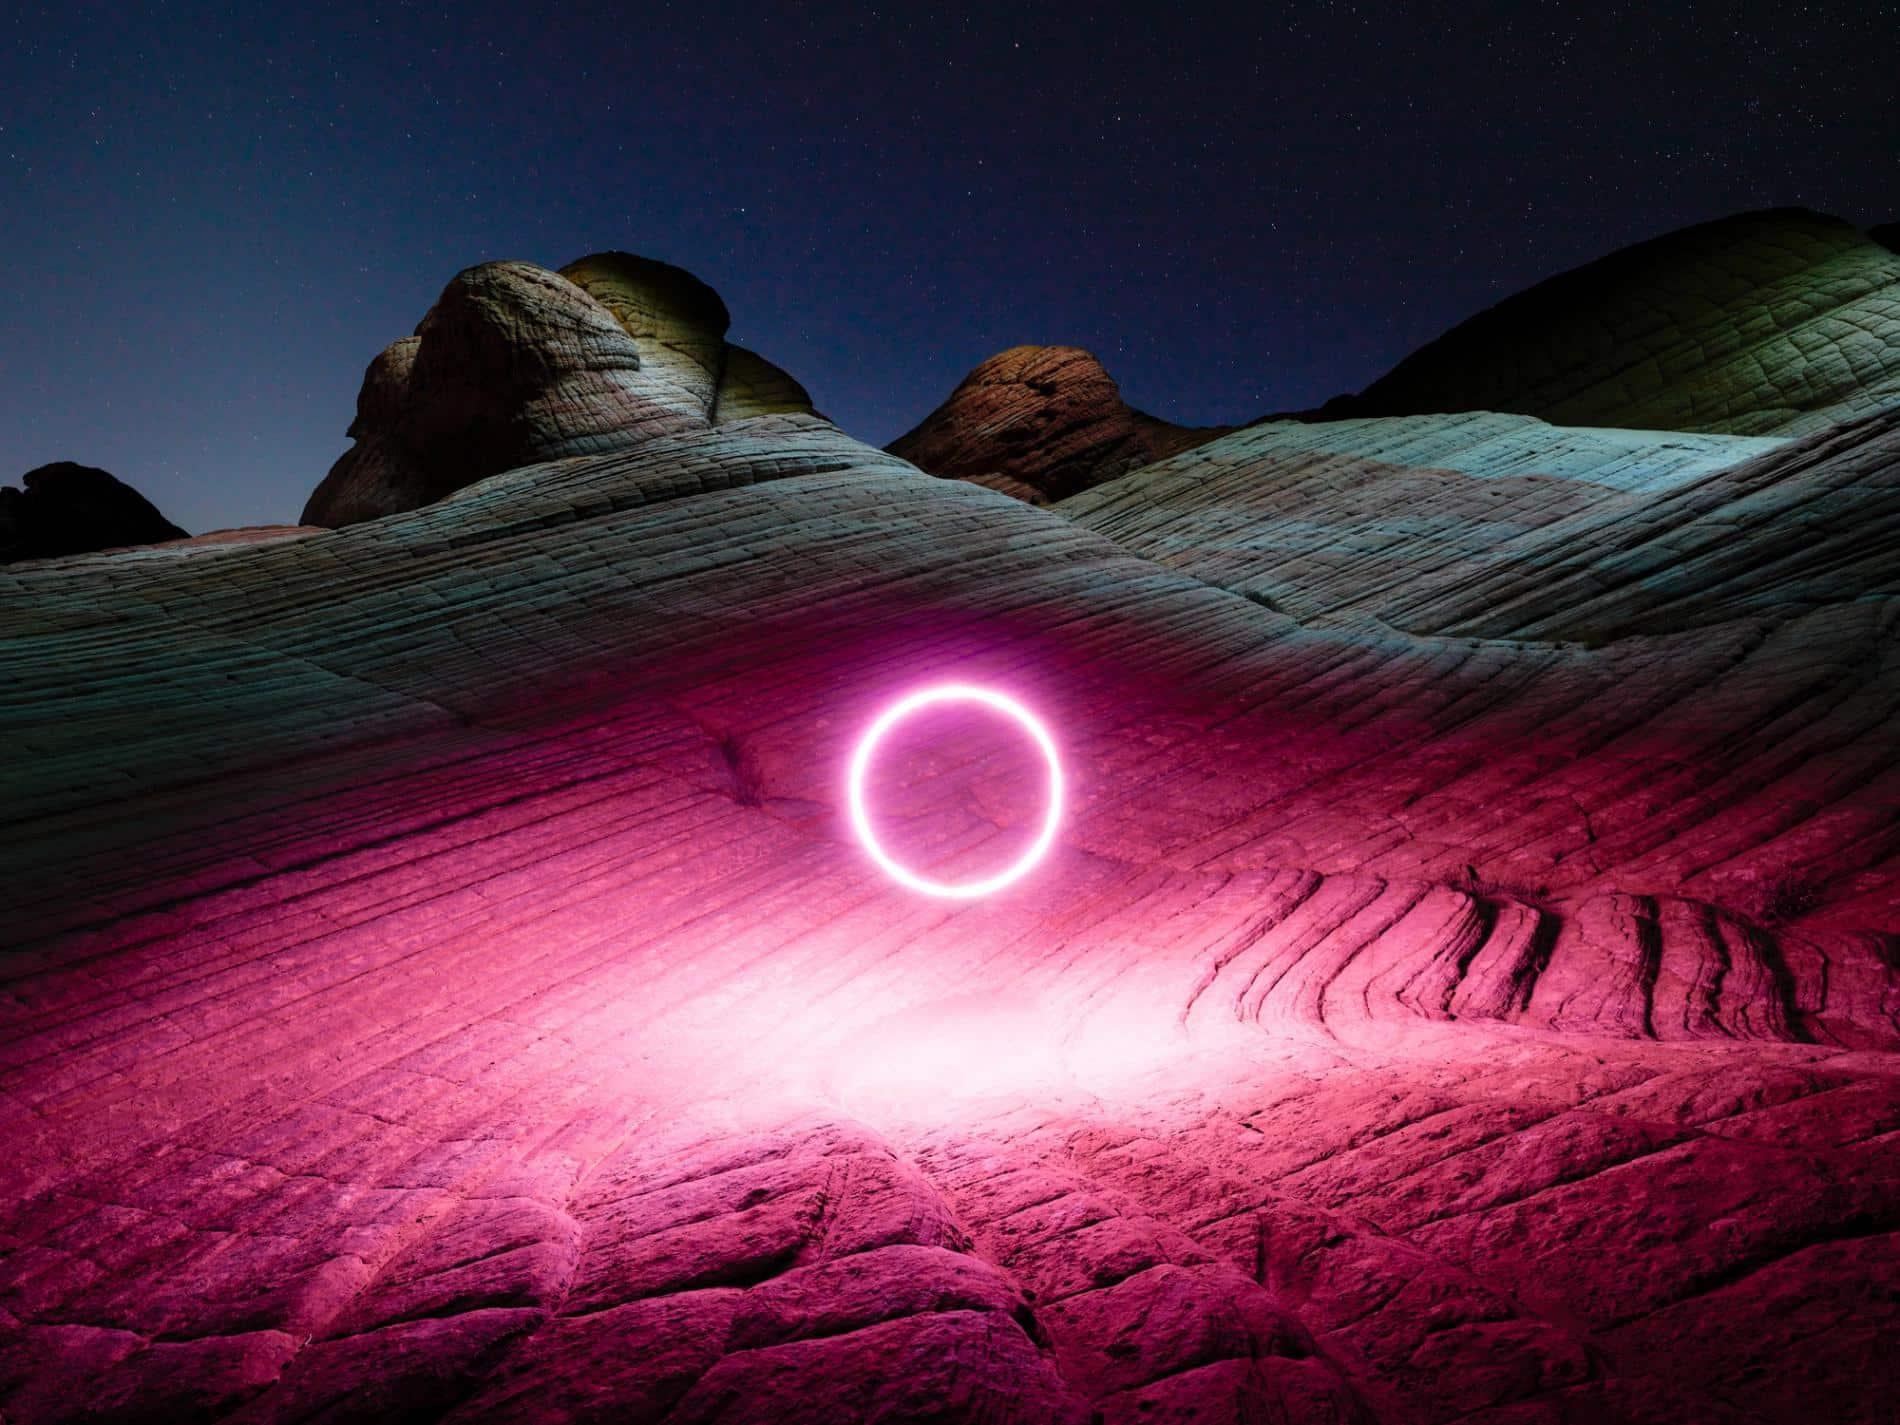 reuben wu fotografo dron luz